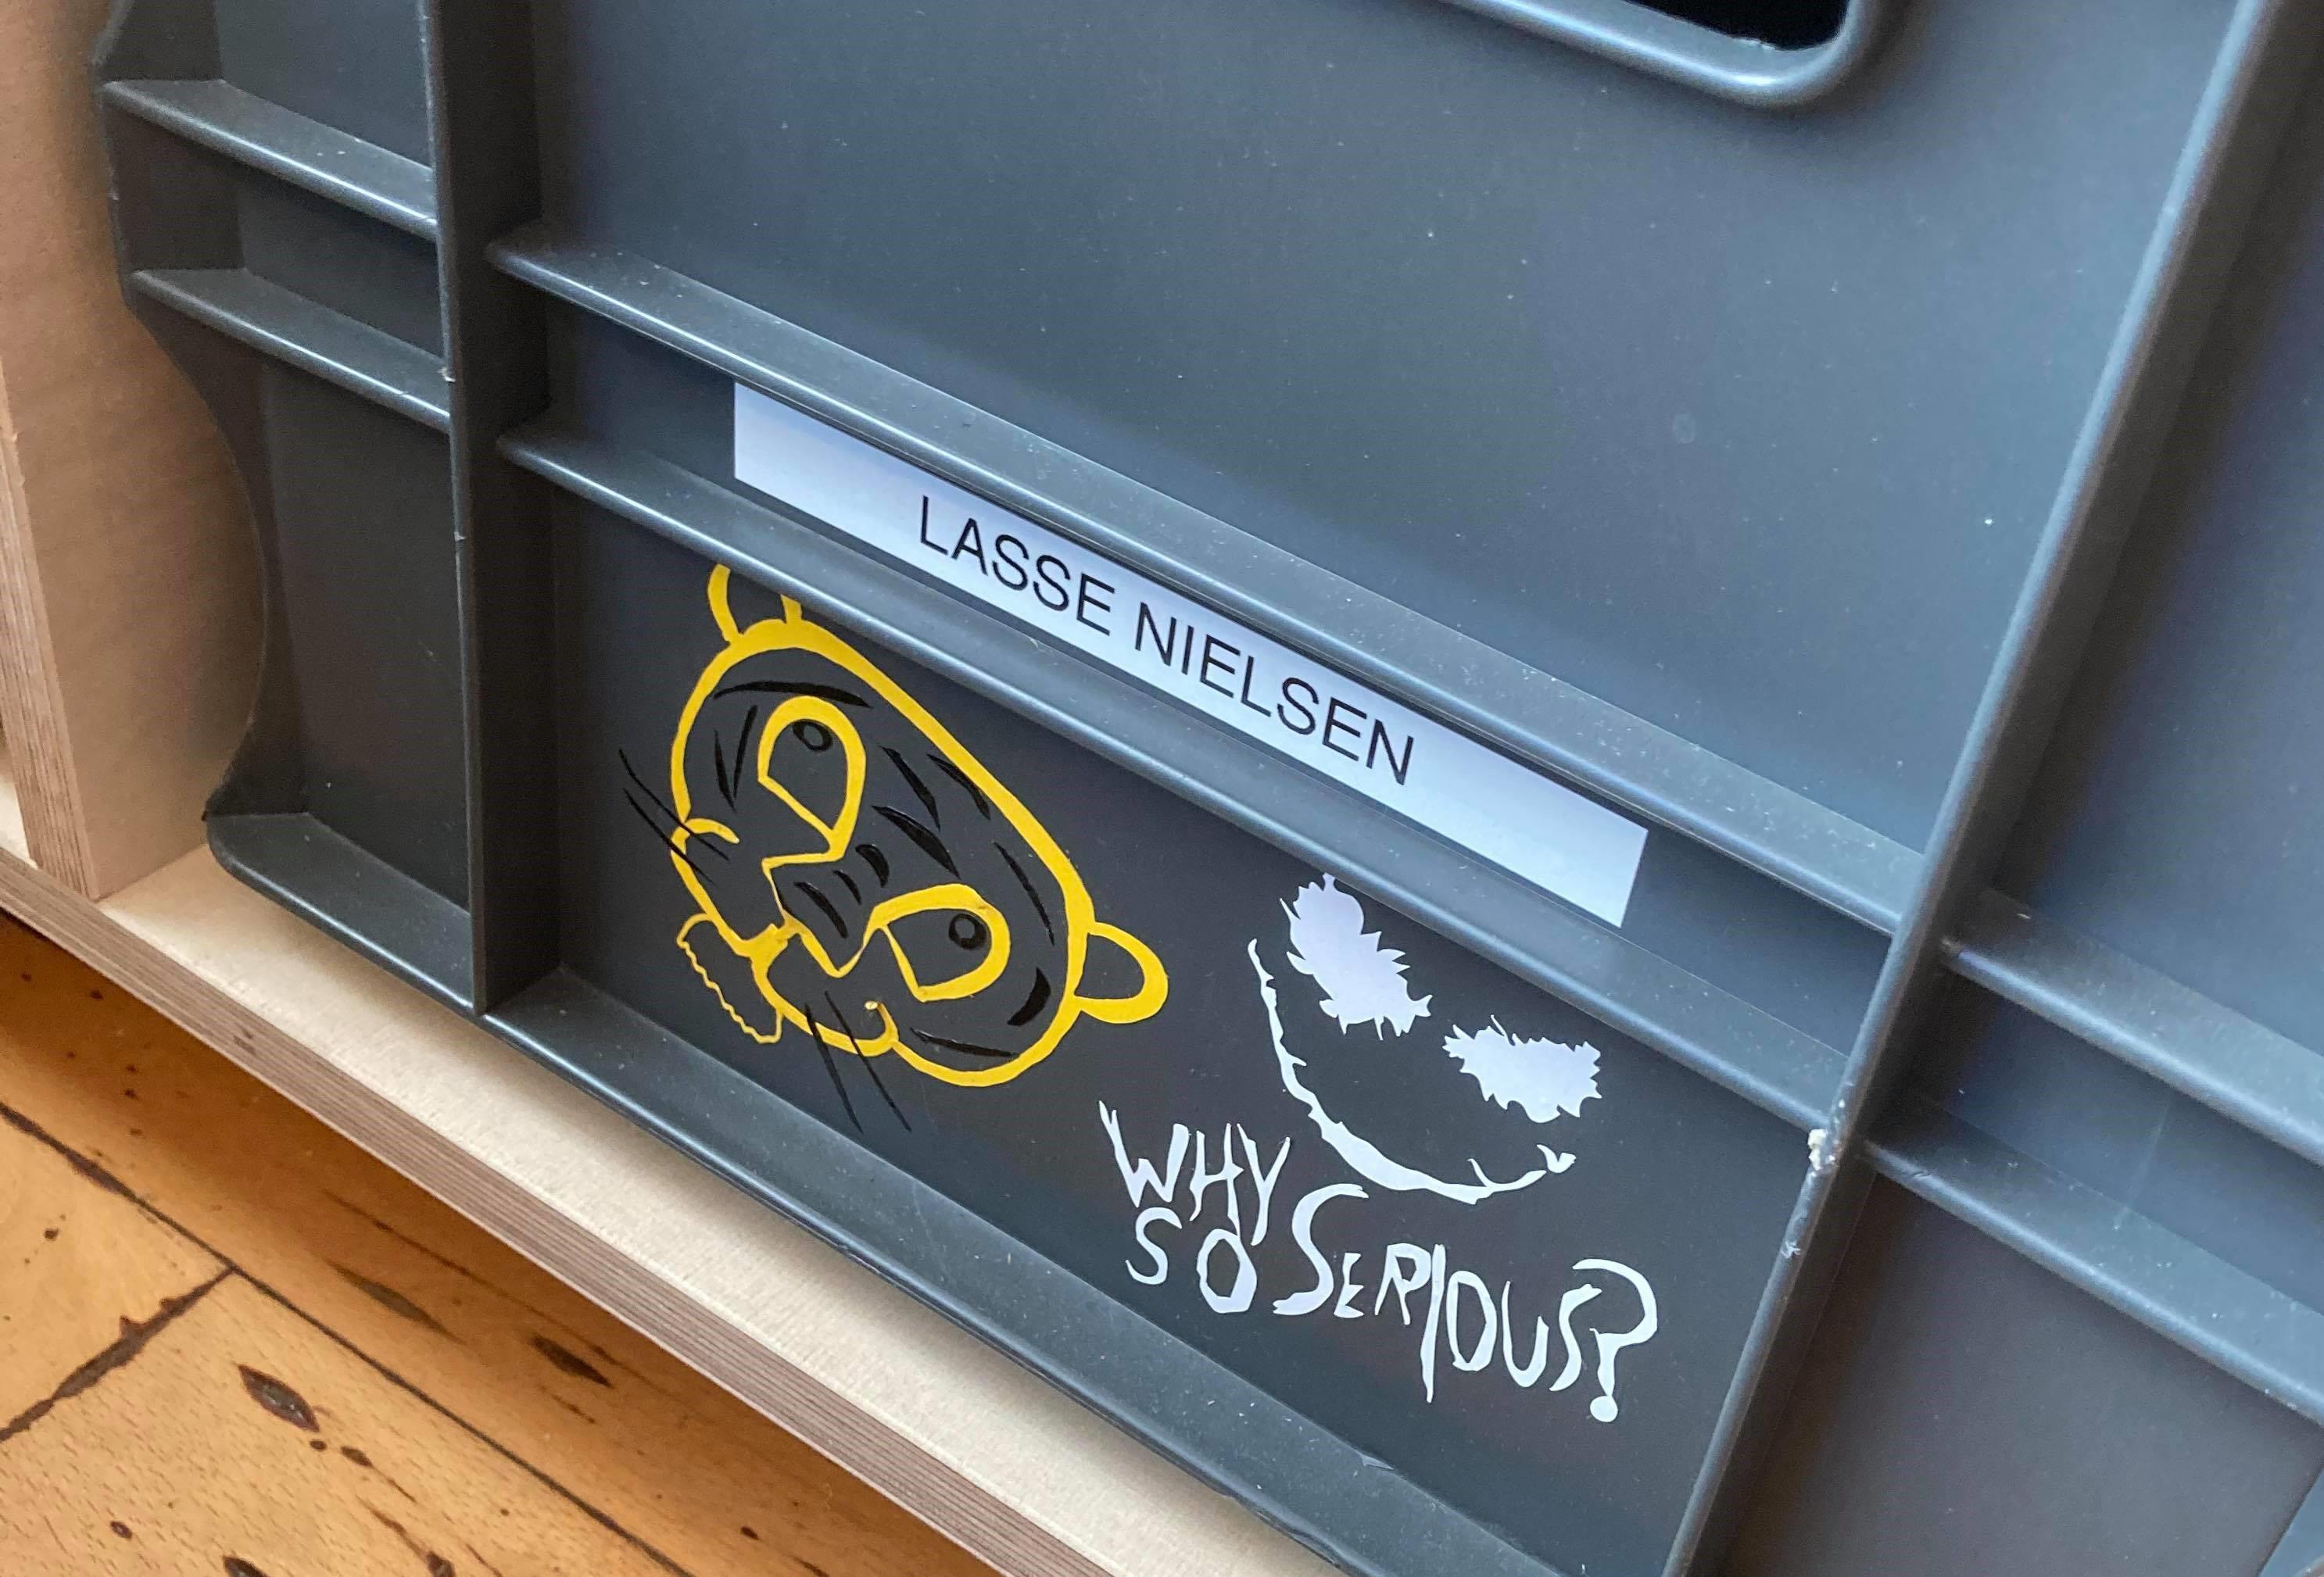 Grå plastik kasse med hvide og gule vinyl klistermærker, der personliggør kassen